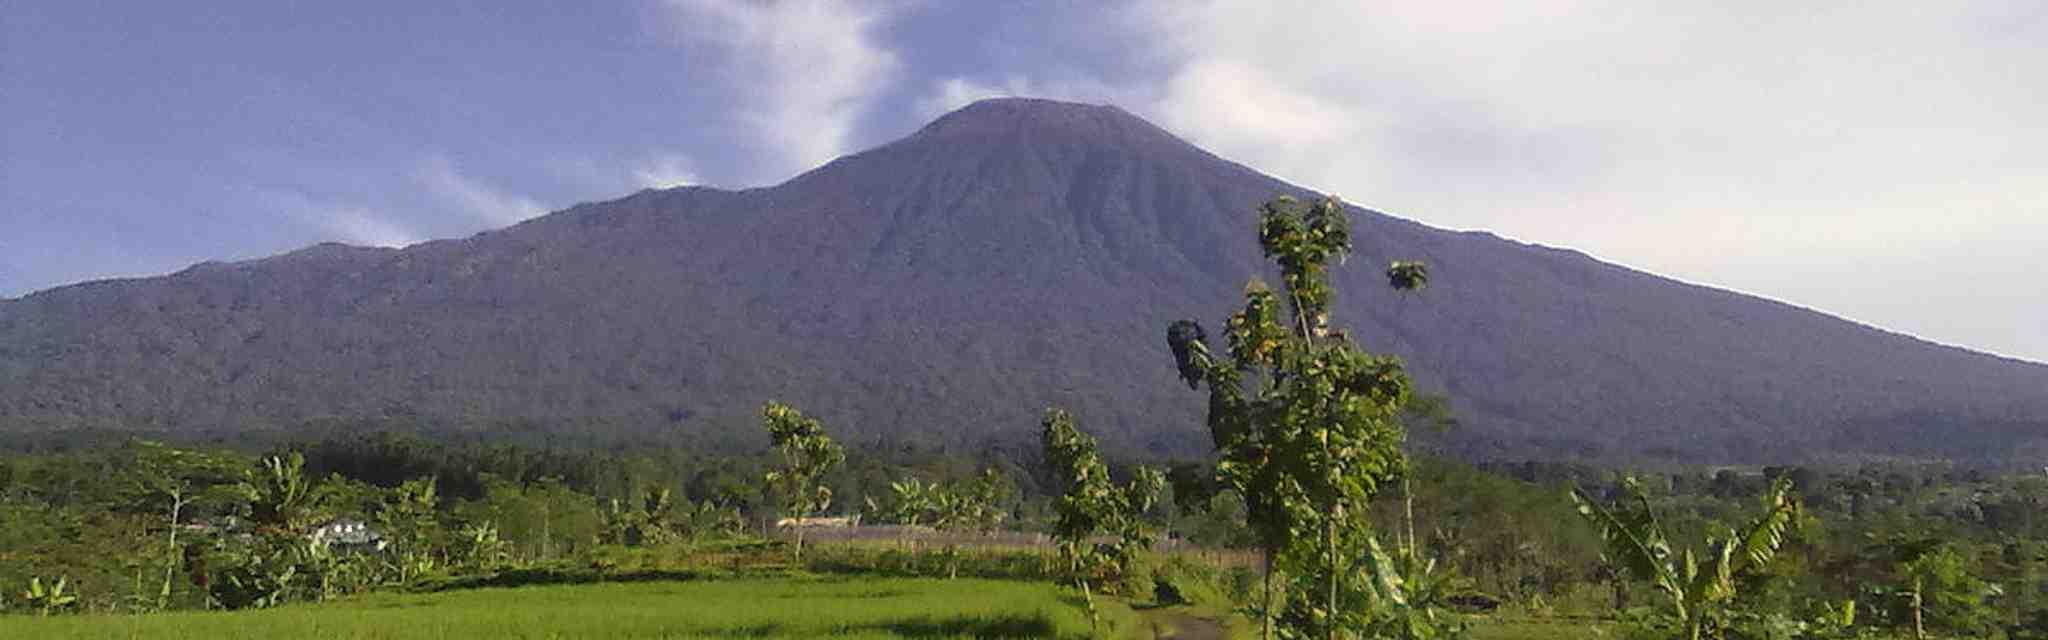 12 Gunung Paling Tinggi Di Indonesia Yang Menantang